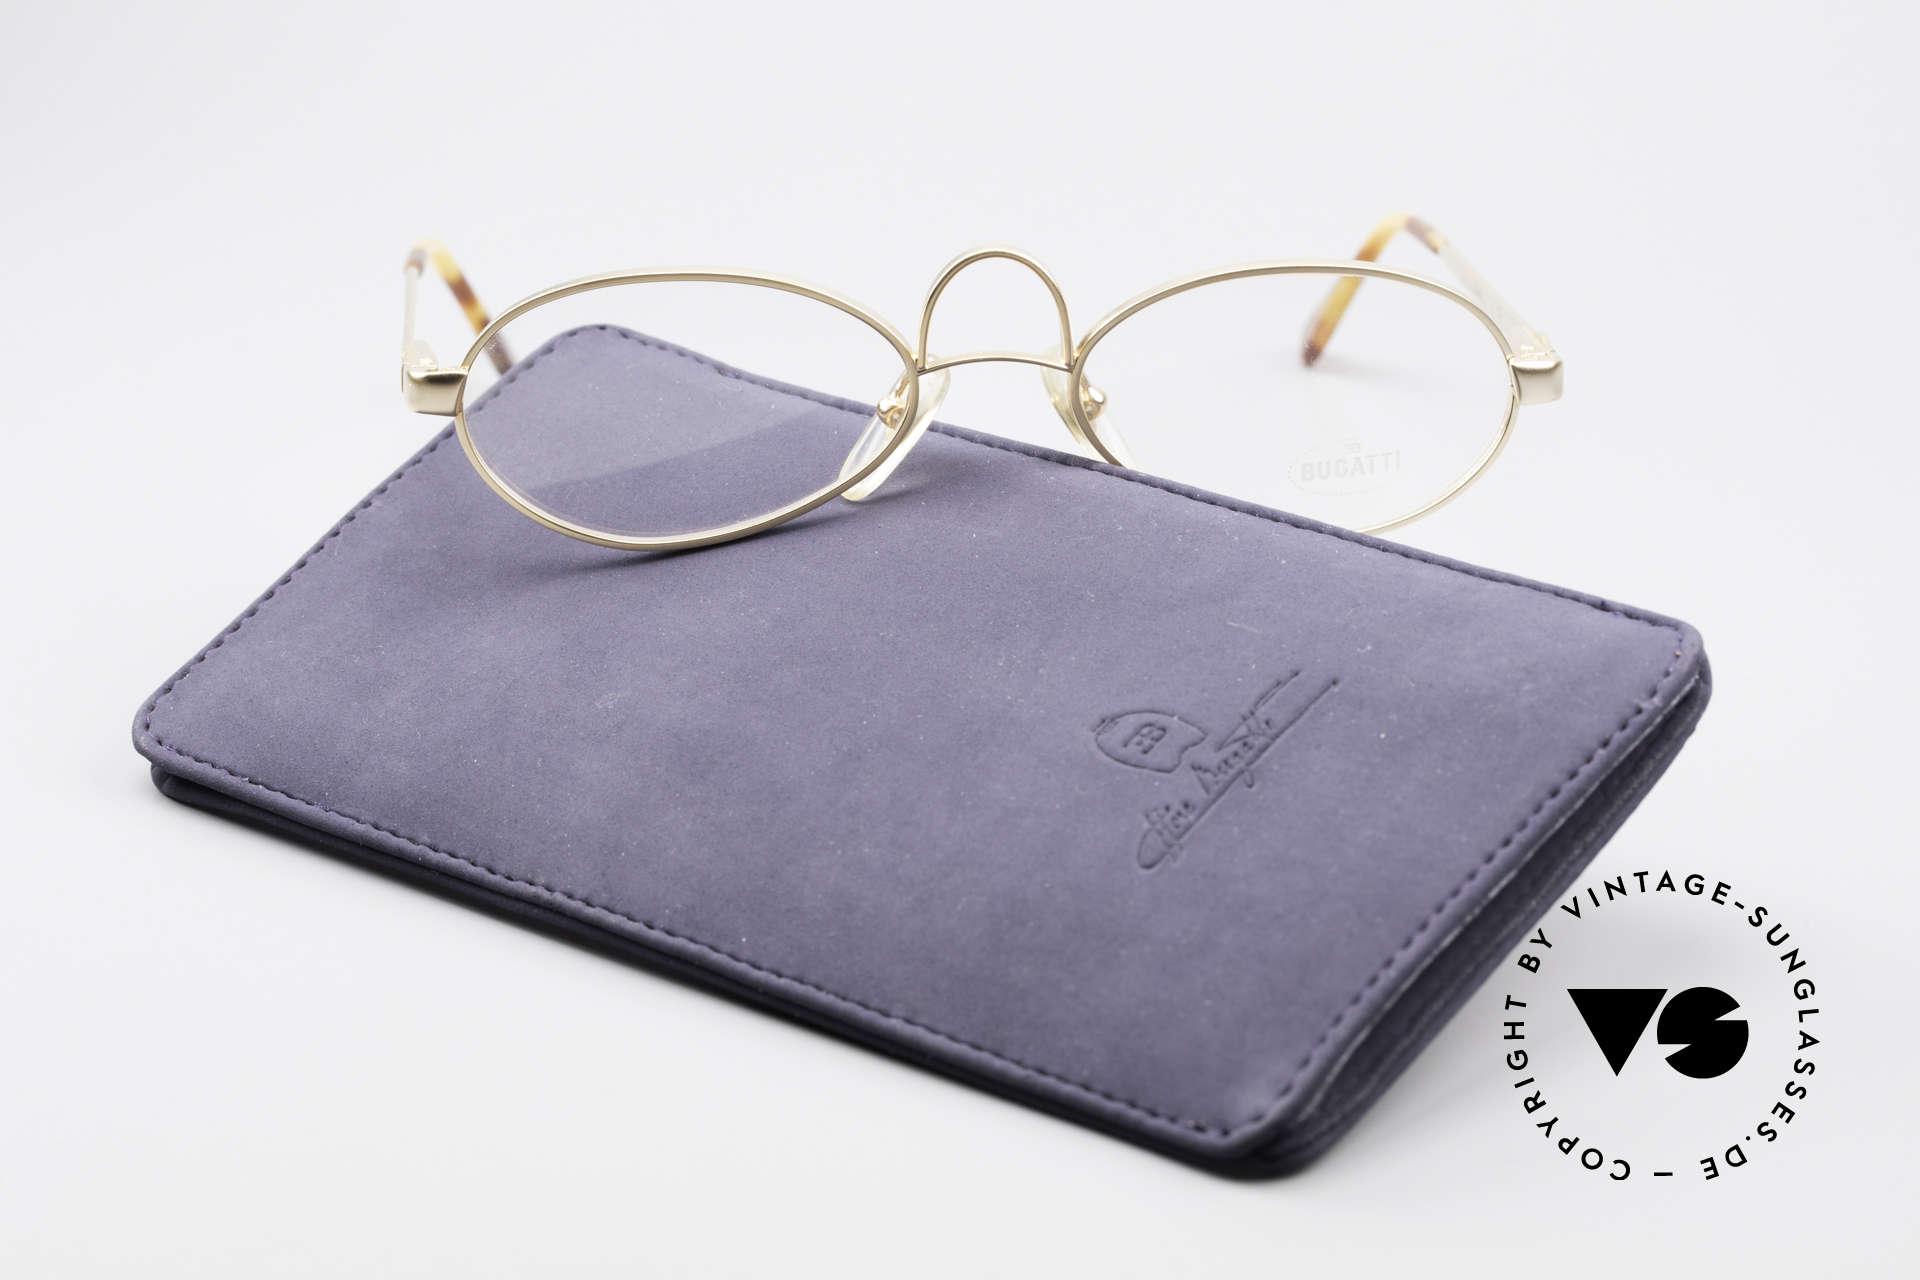 Bugatti 13001 Bugatti Kühlergrill Brille, KEINE RETRO Brille, sondern ein altes 80er ORIGINAL, Passend für Herren und Damen